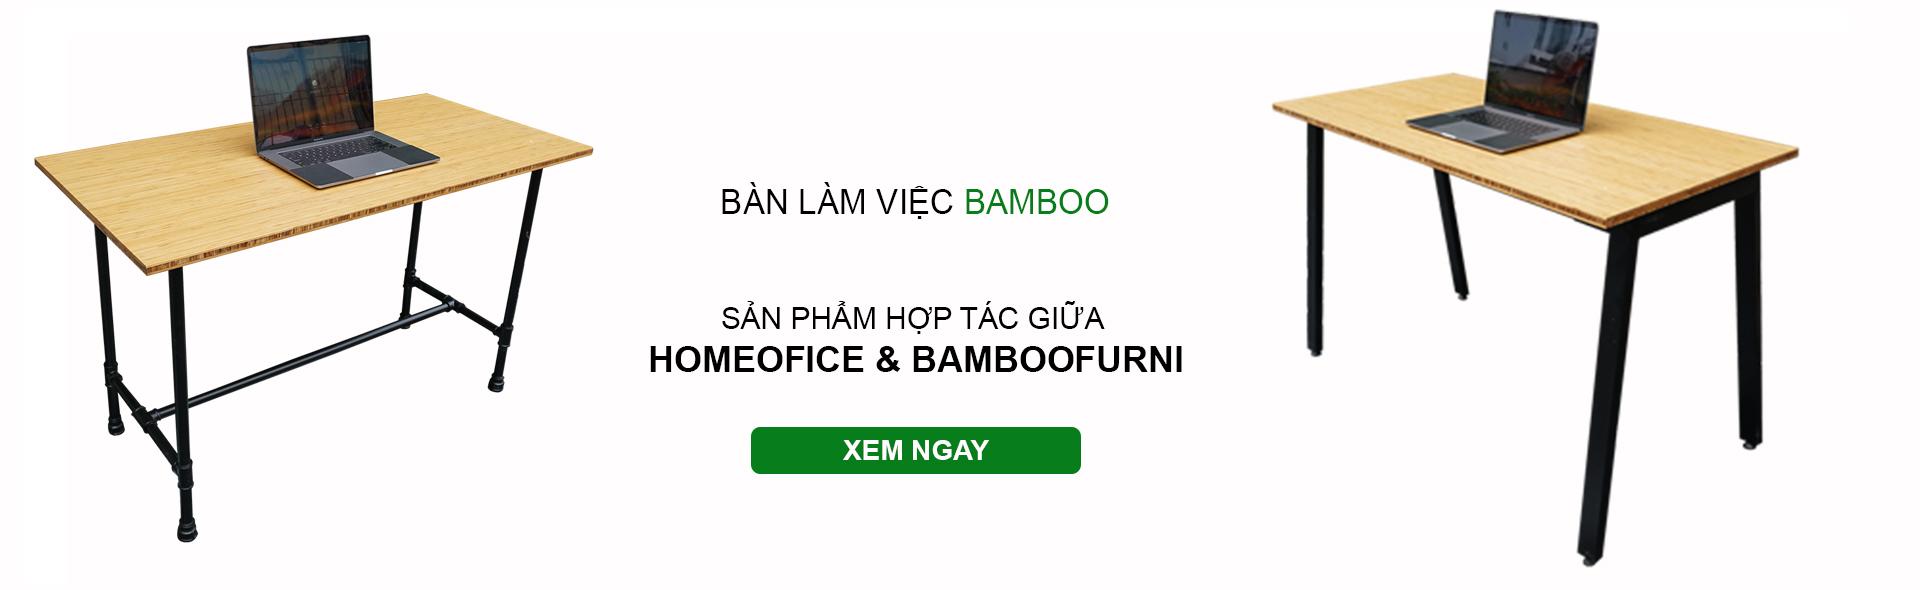 bamboofurni